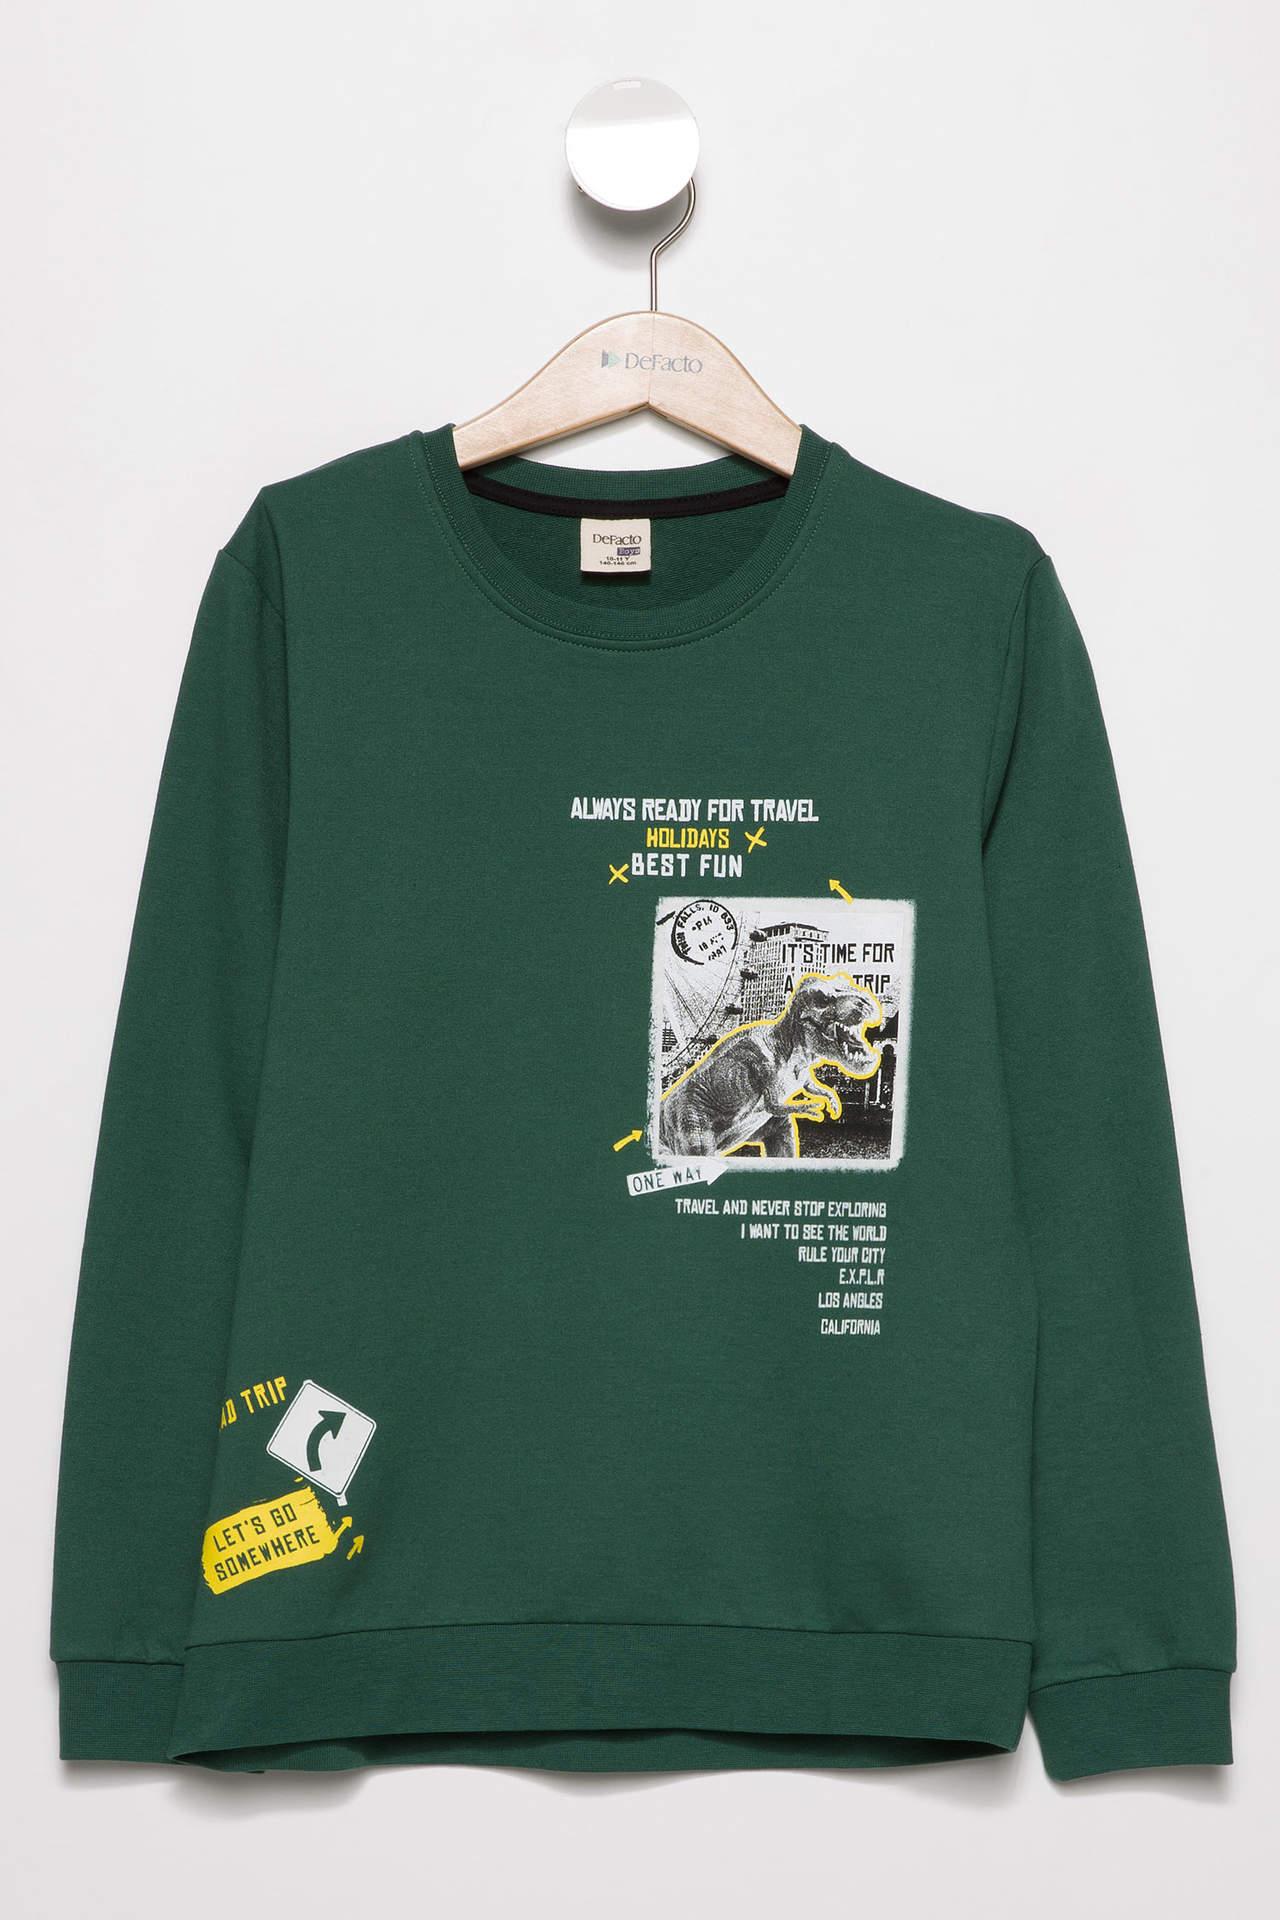 DeFacto Erkek Çocuk Baskılı Sweatshirt Yeşil male